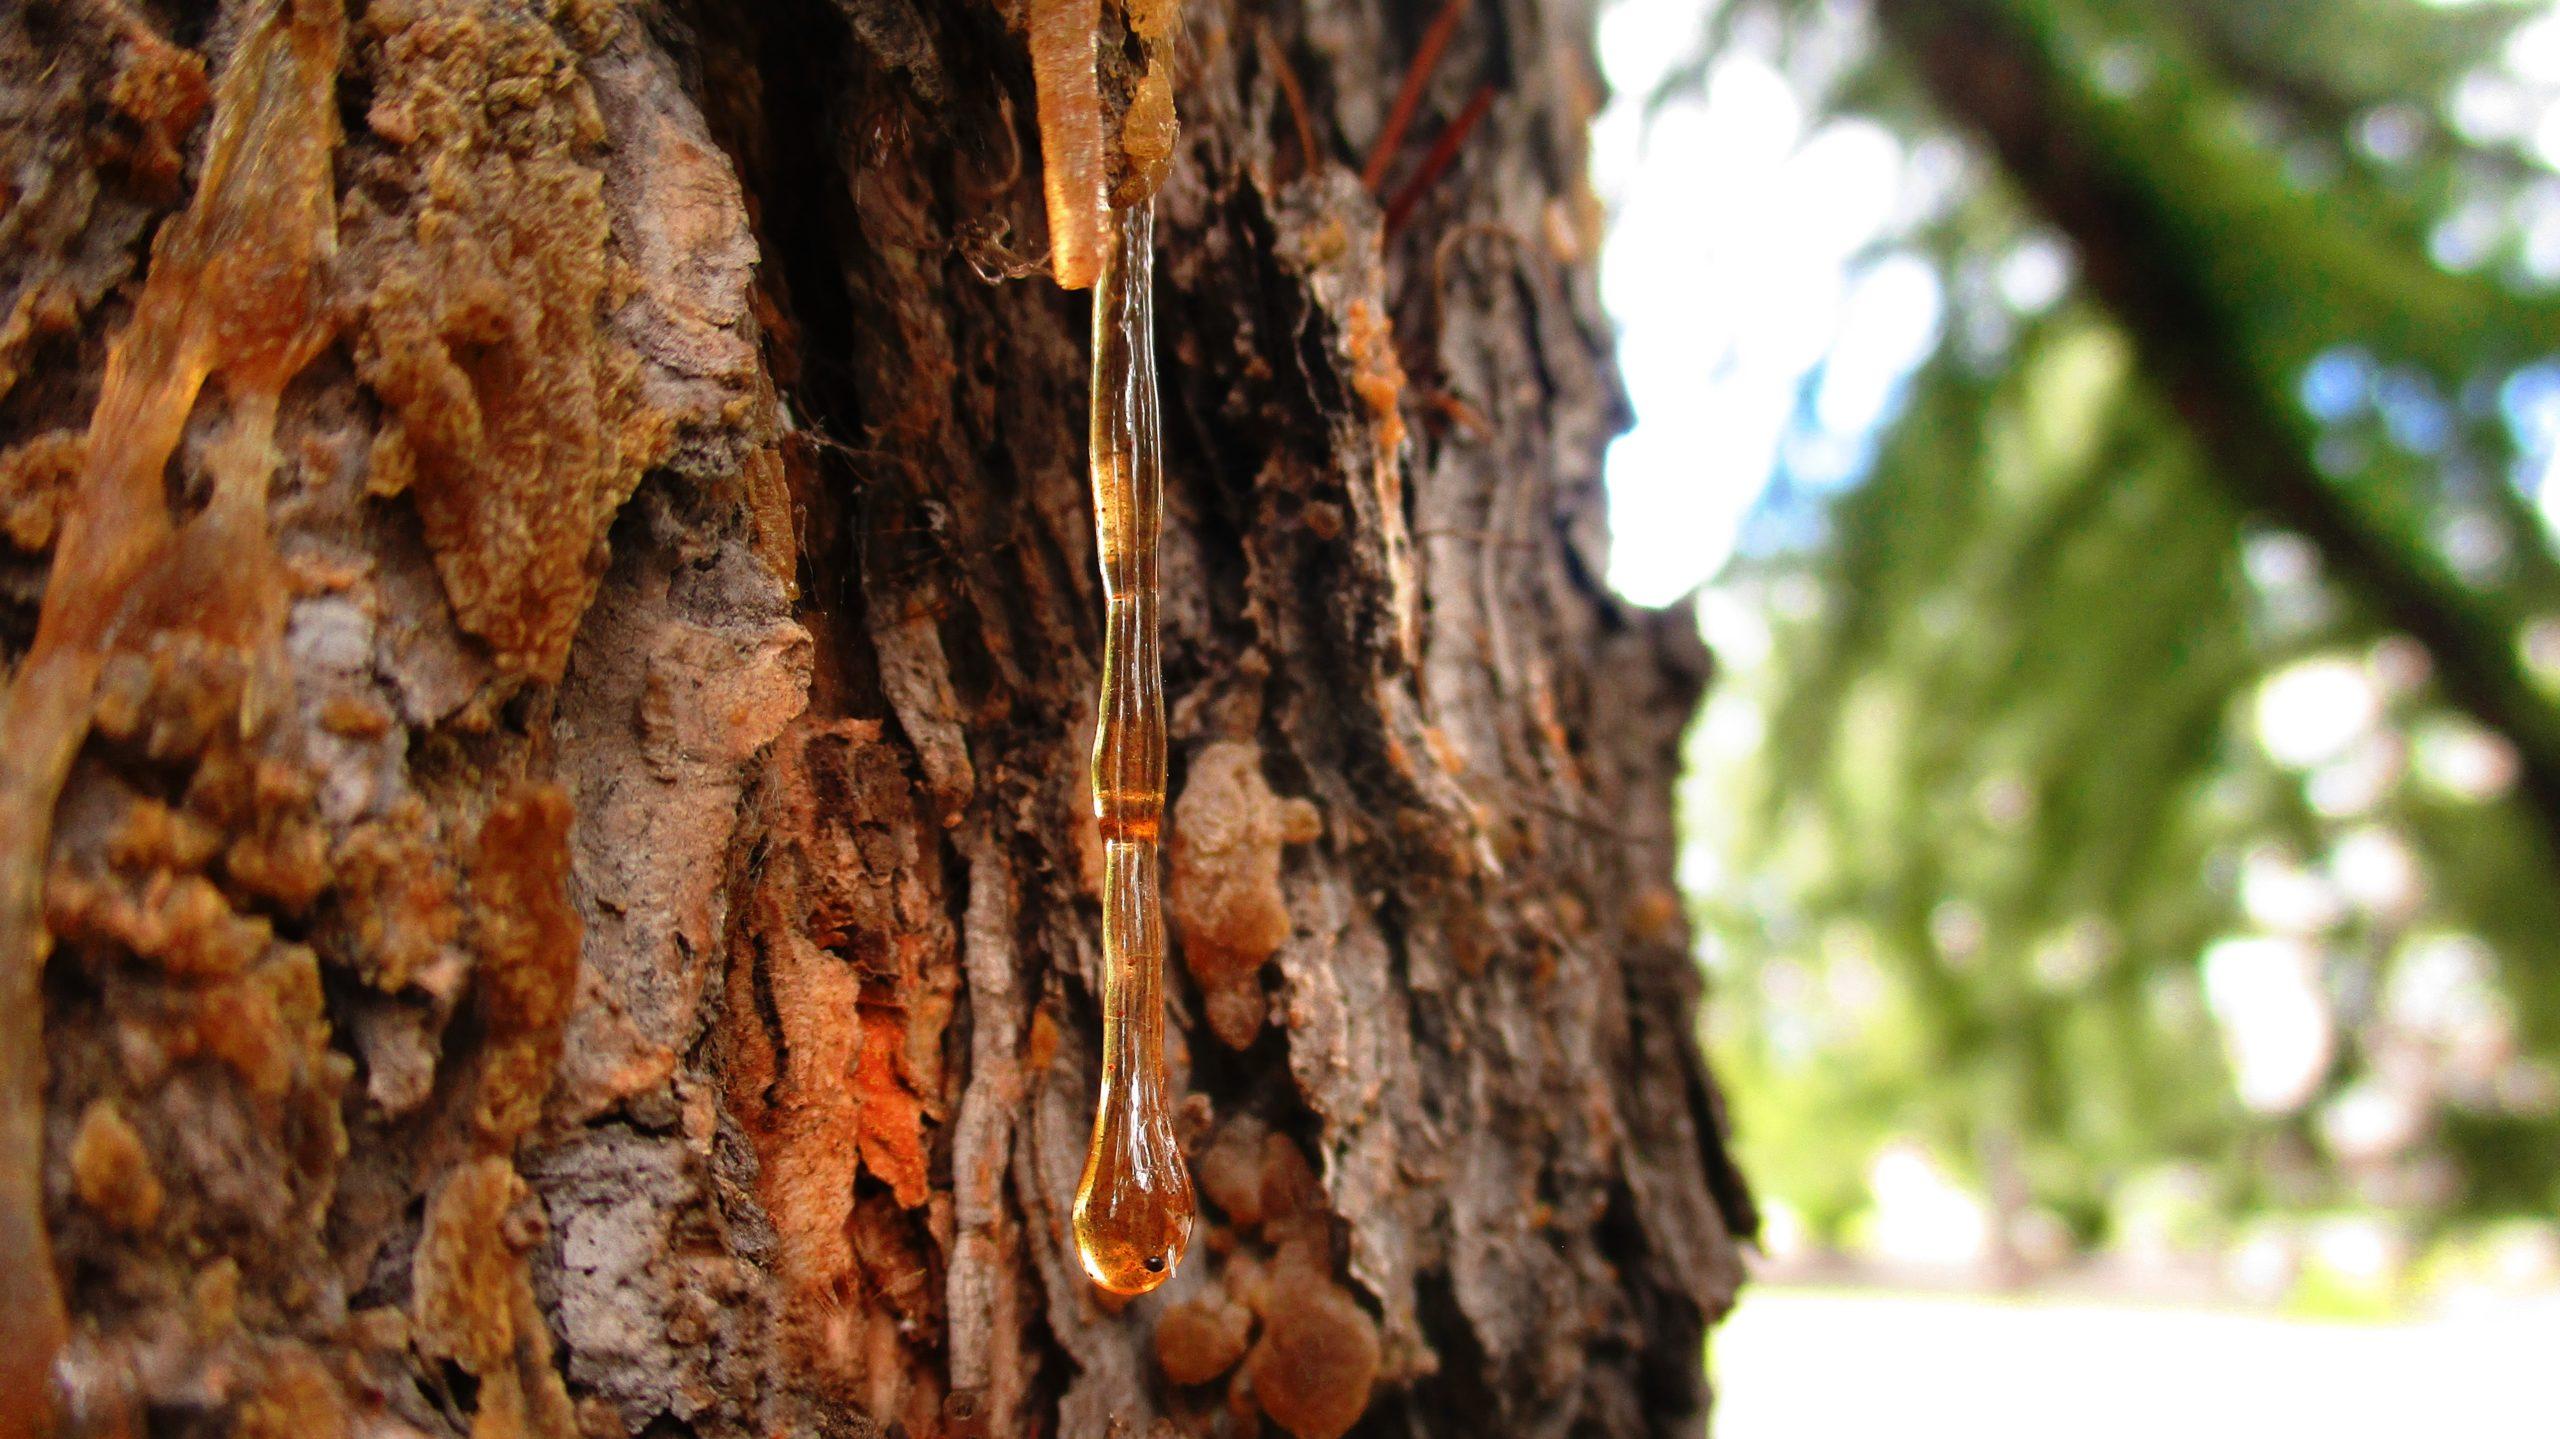 Die Harzperlen am Baumstamm